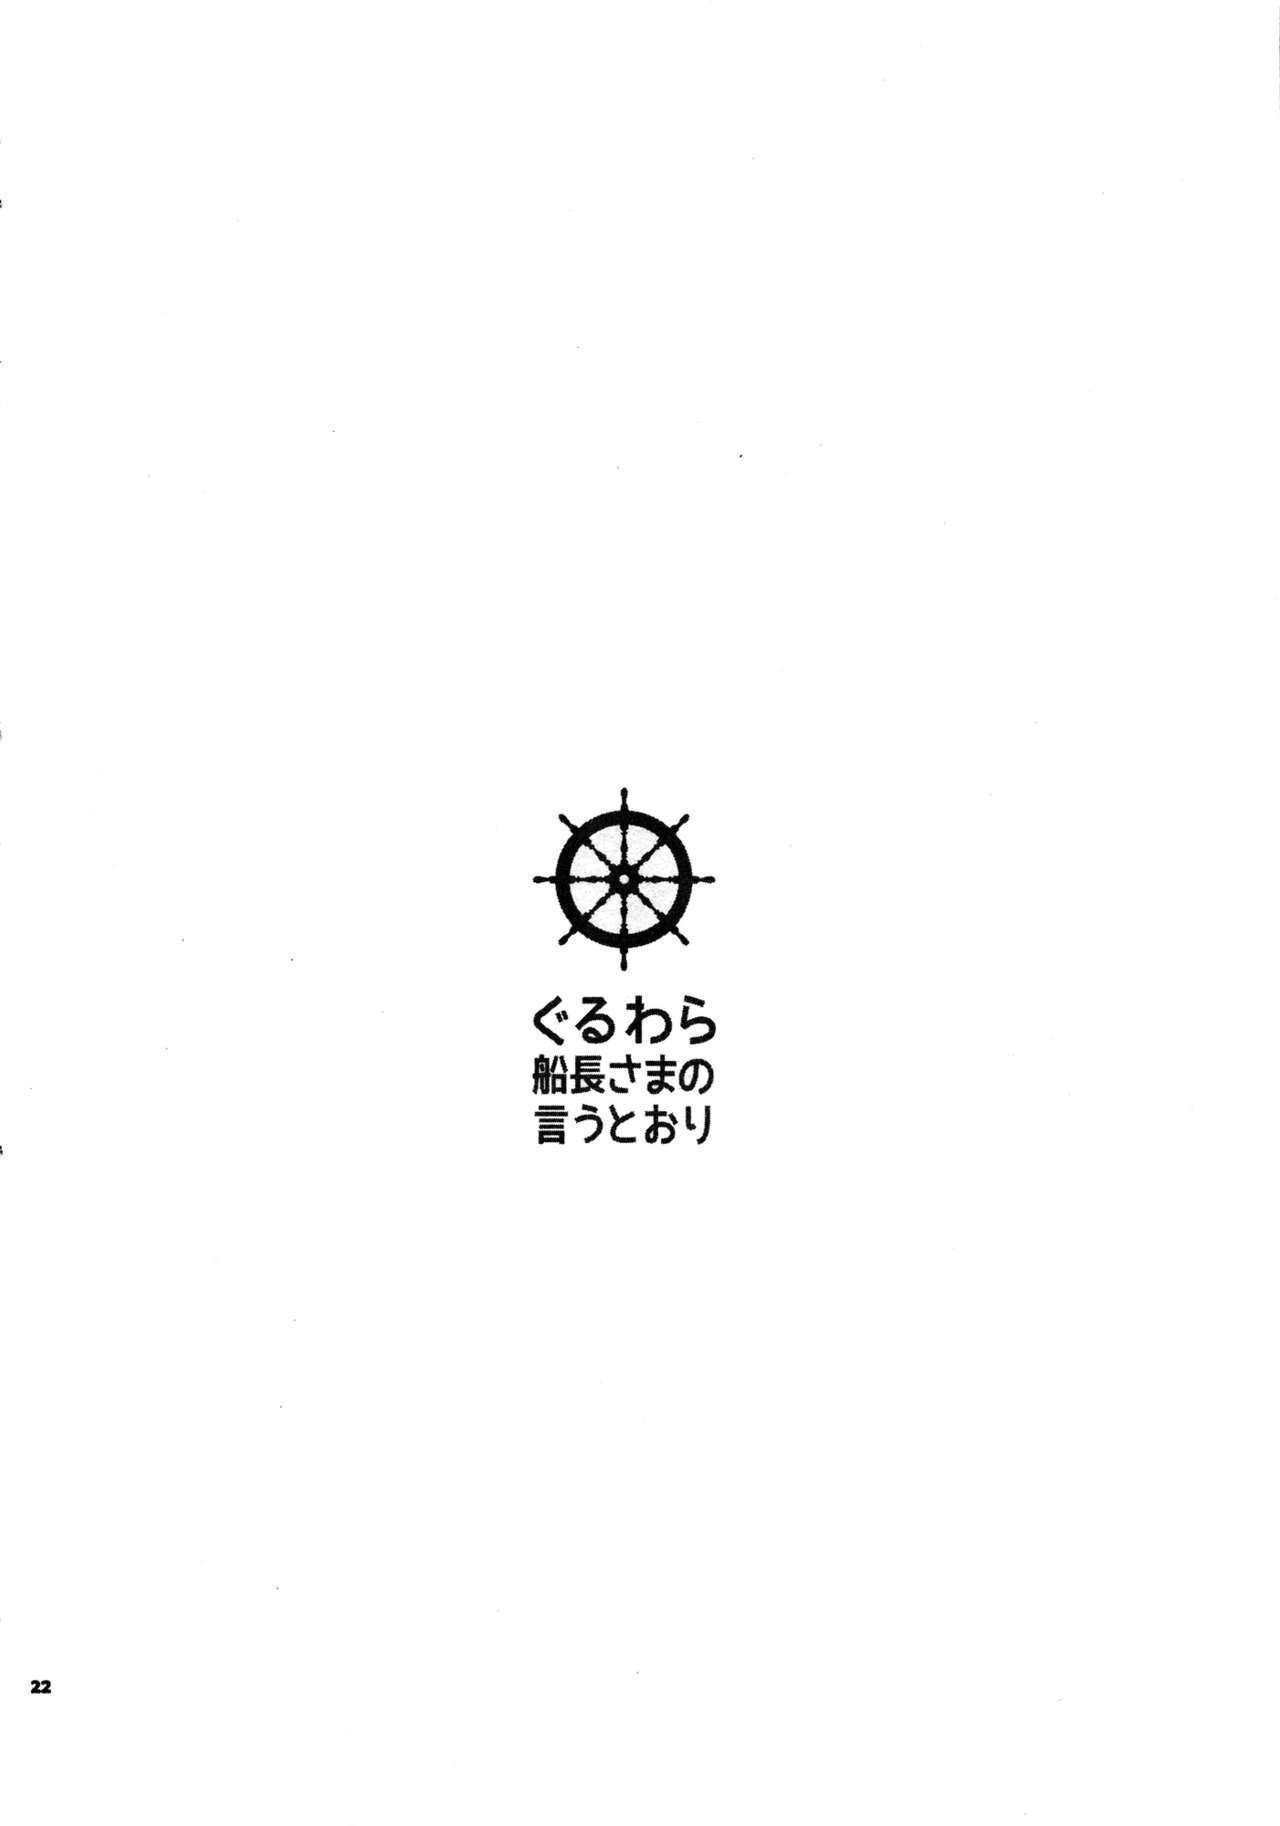 Guru Wara Senchou-sama no Iutoori 20